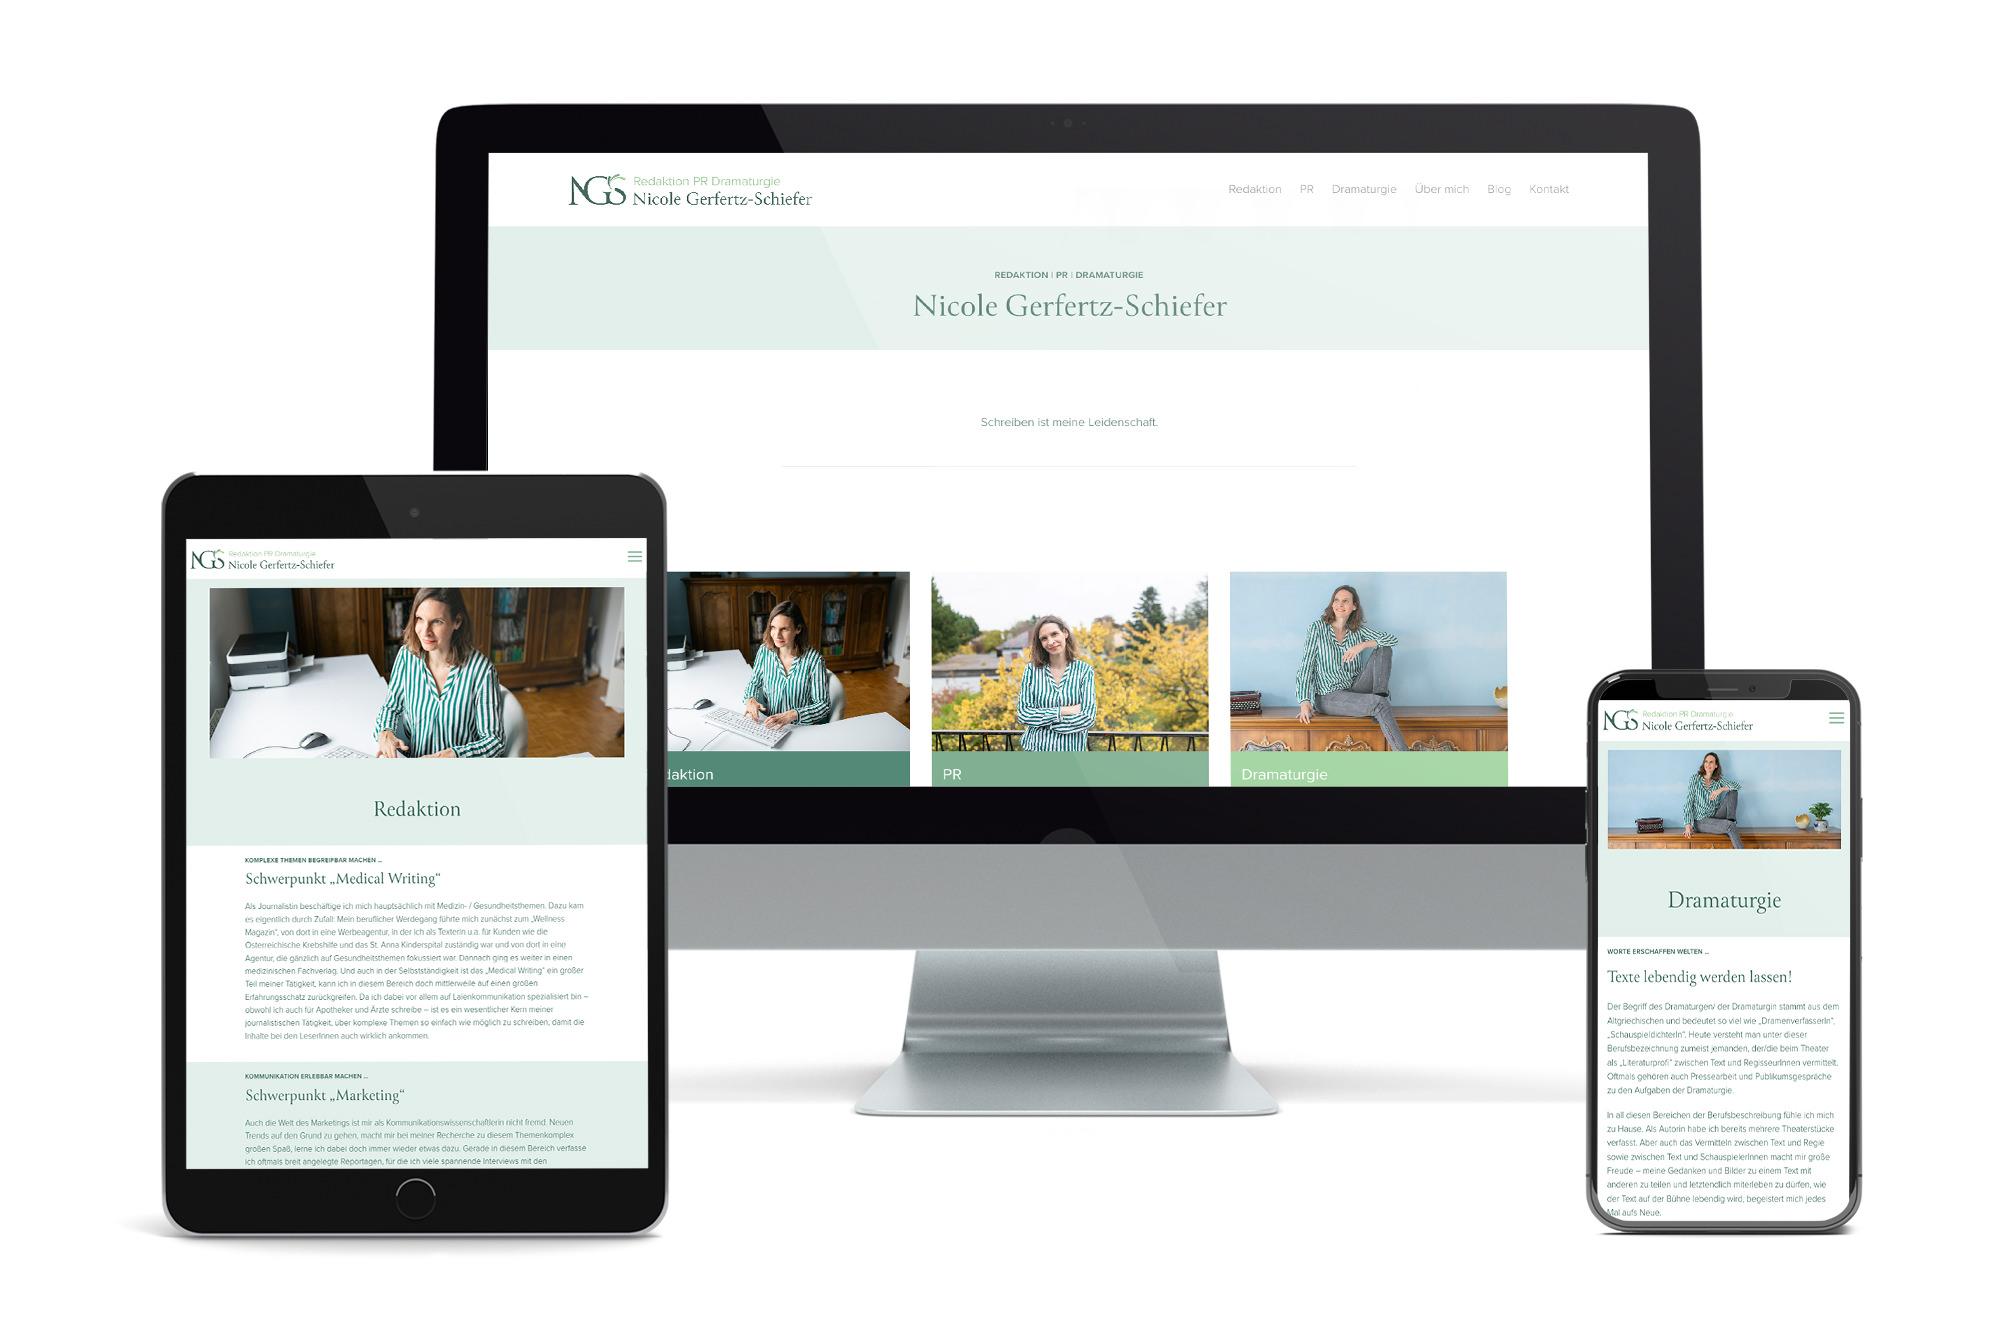 Webdesign Beispiel: Neue Website für Redaktion | PR | Dramaturgie